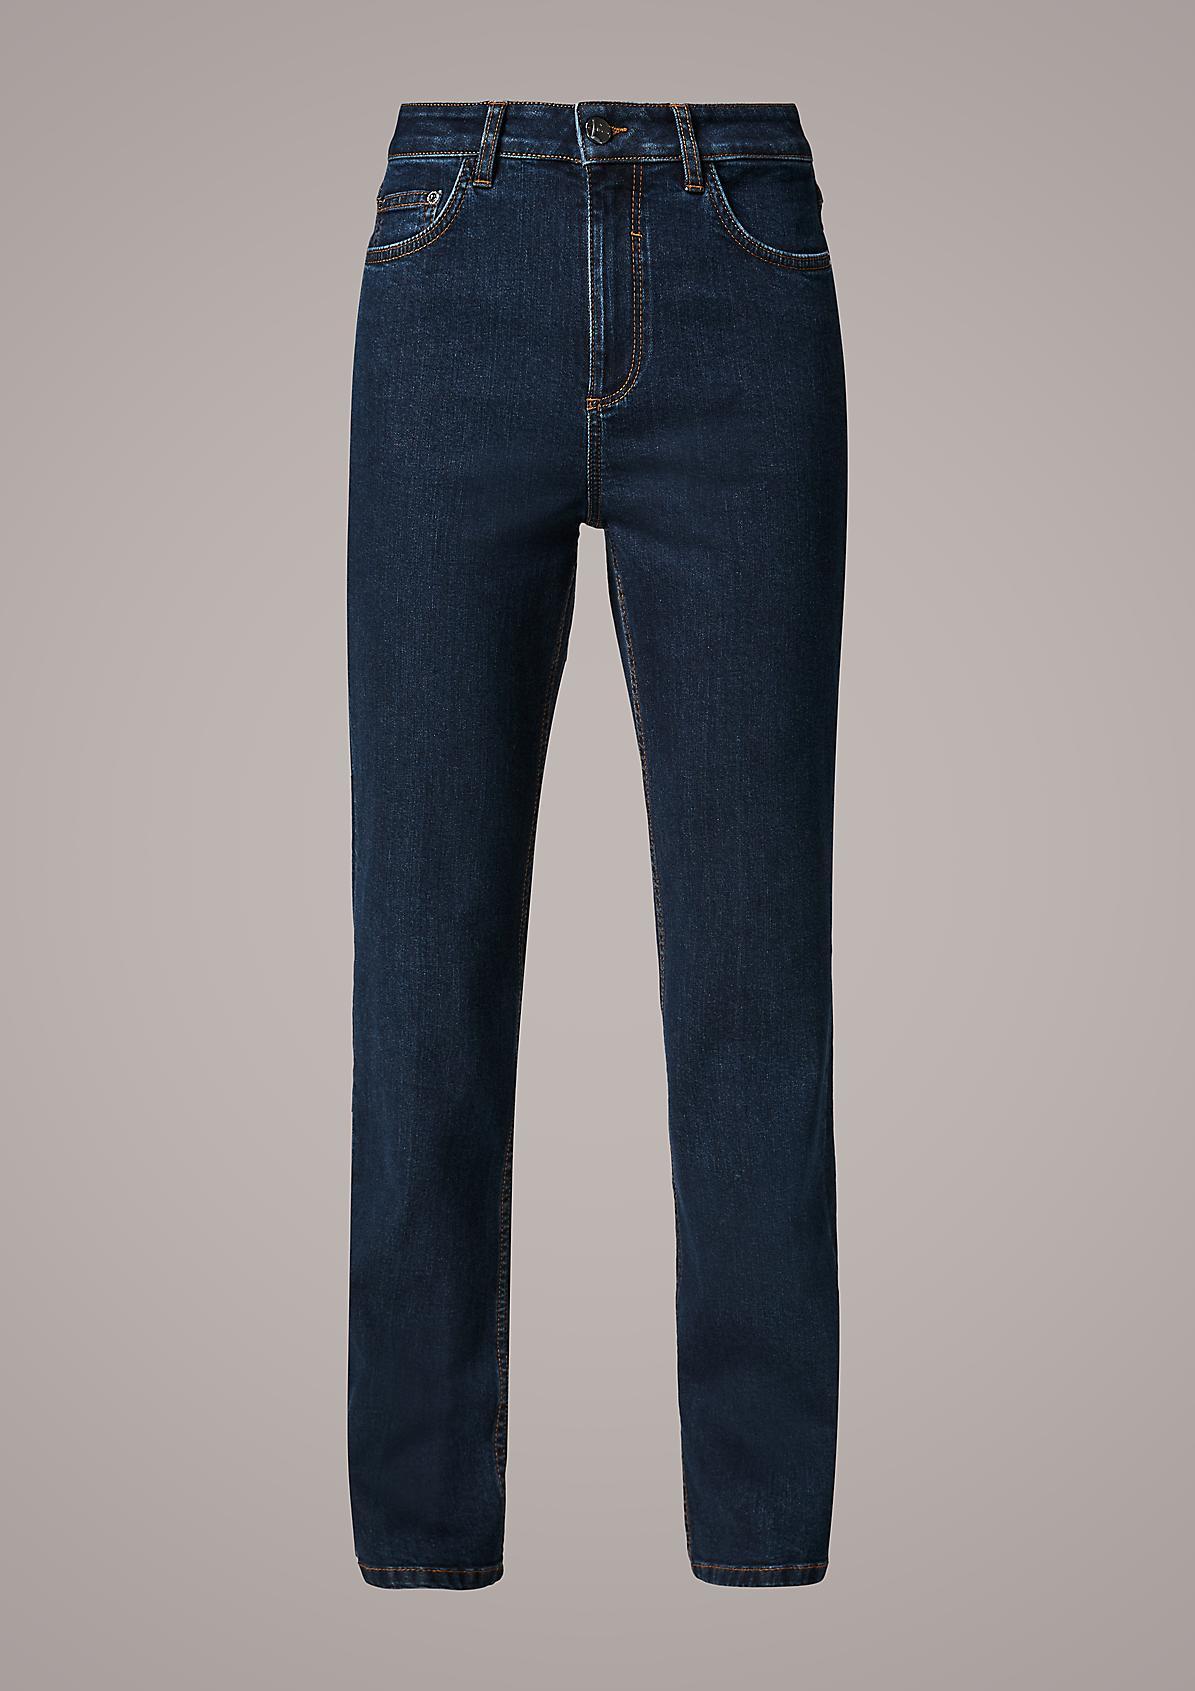 Regular: Flared leg-Jeans